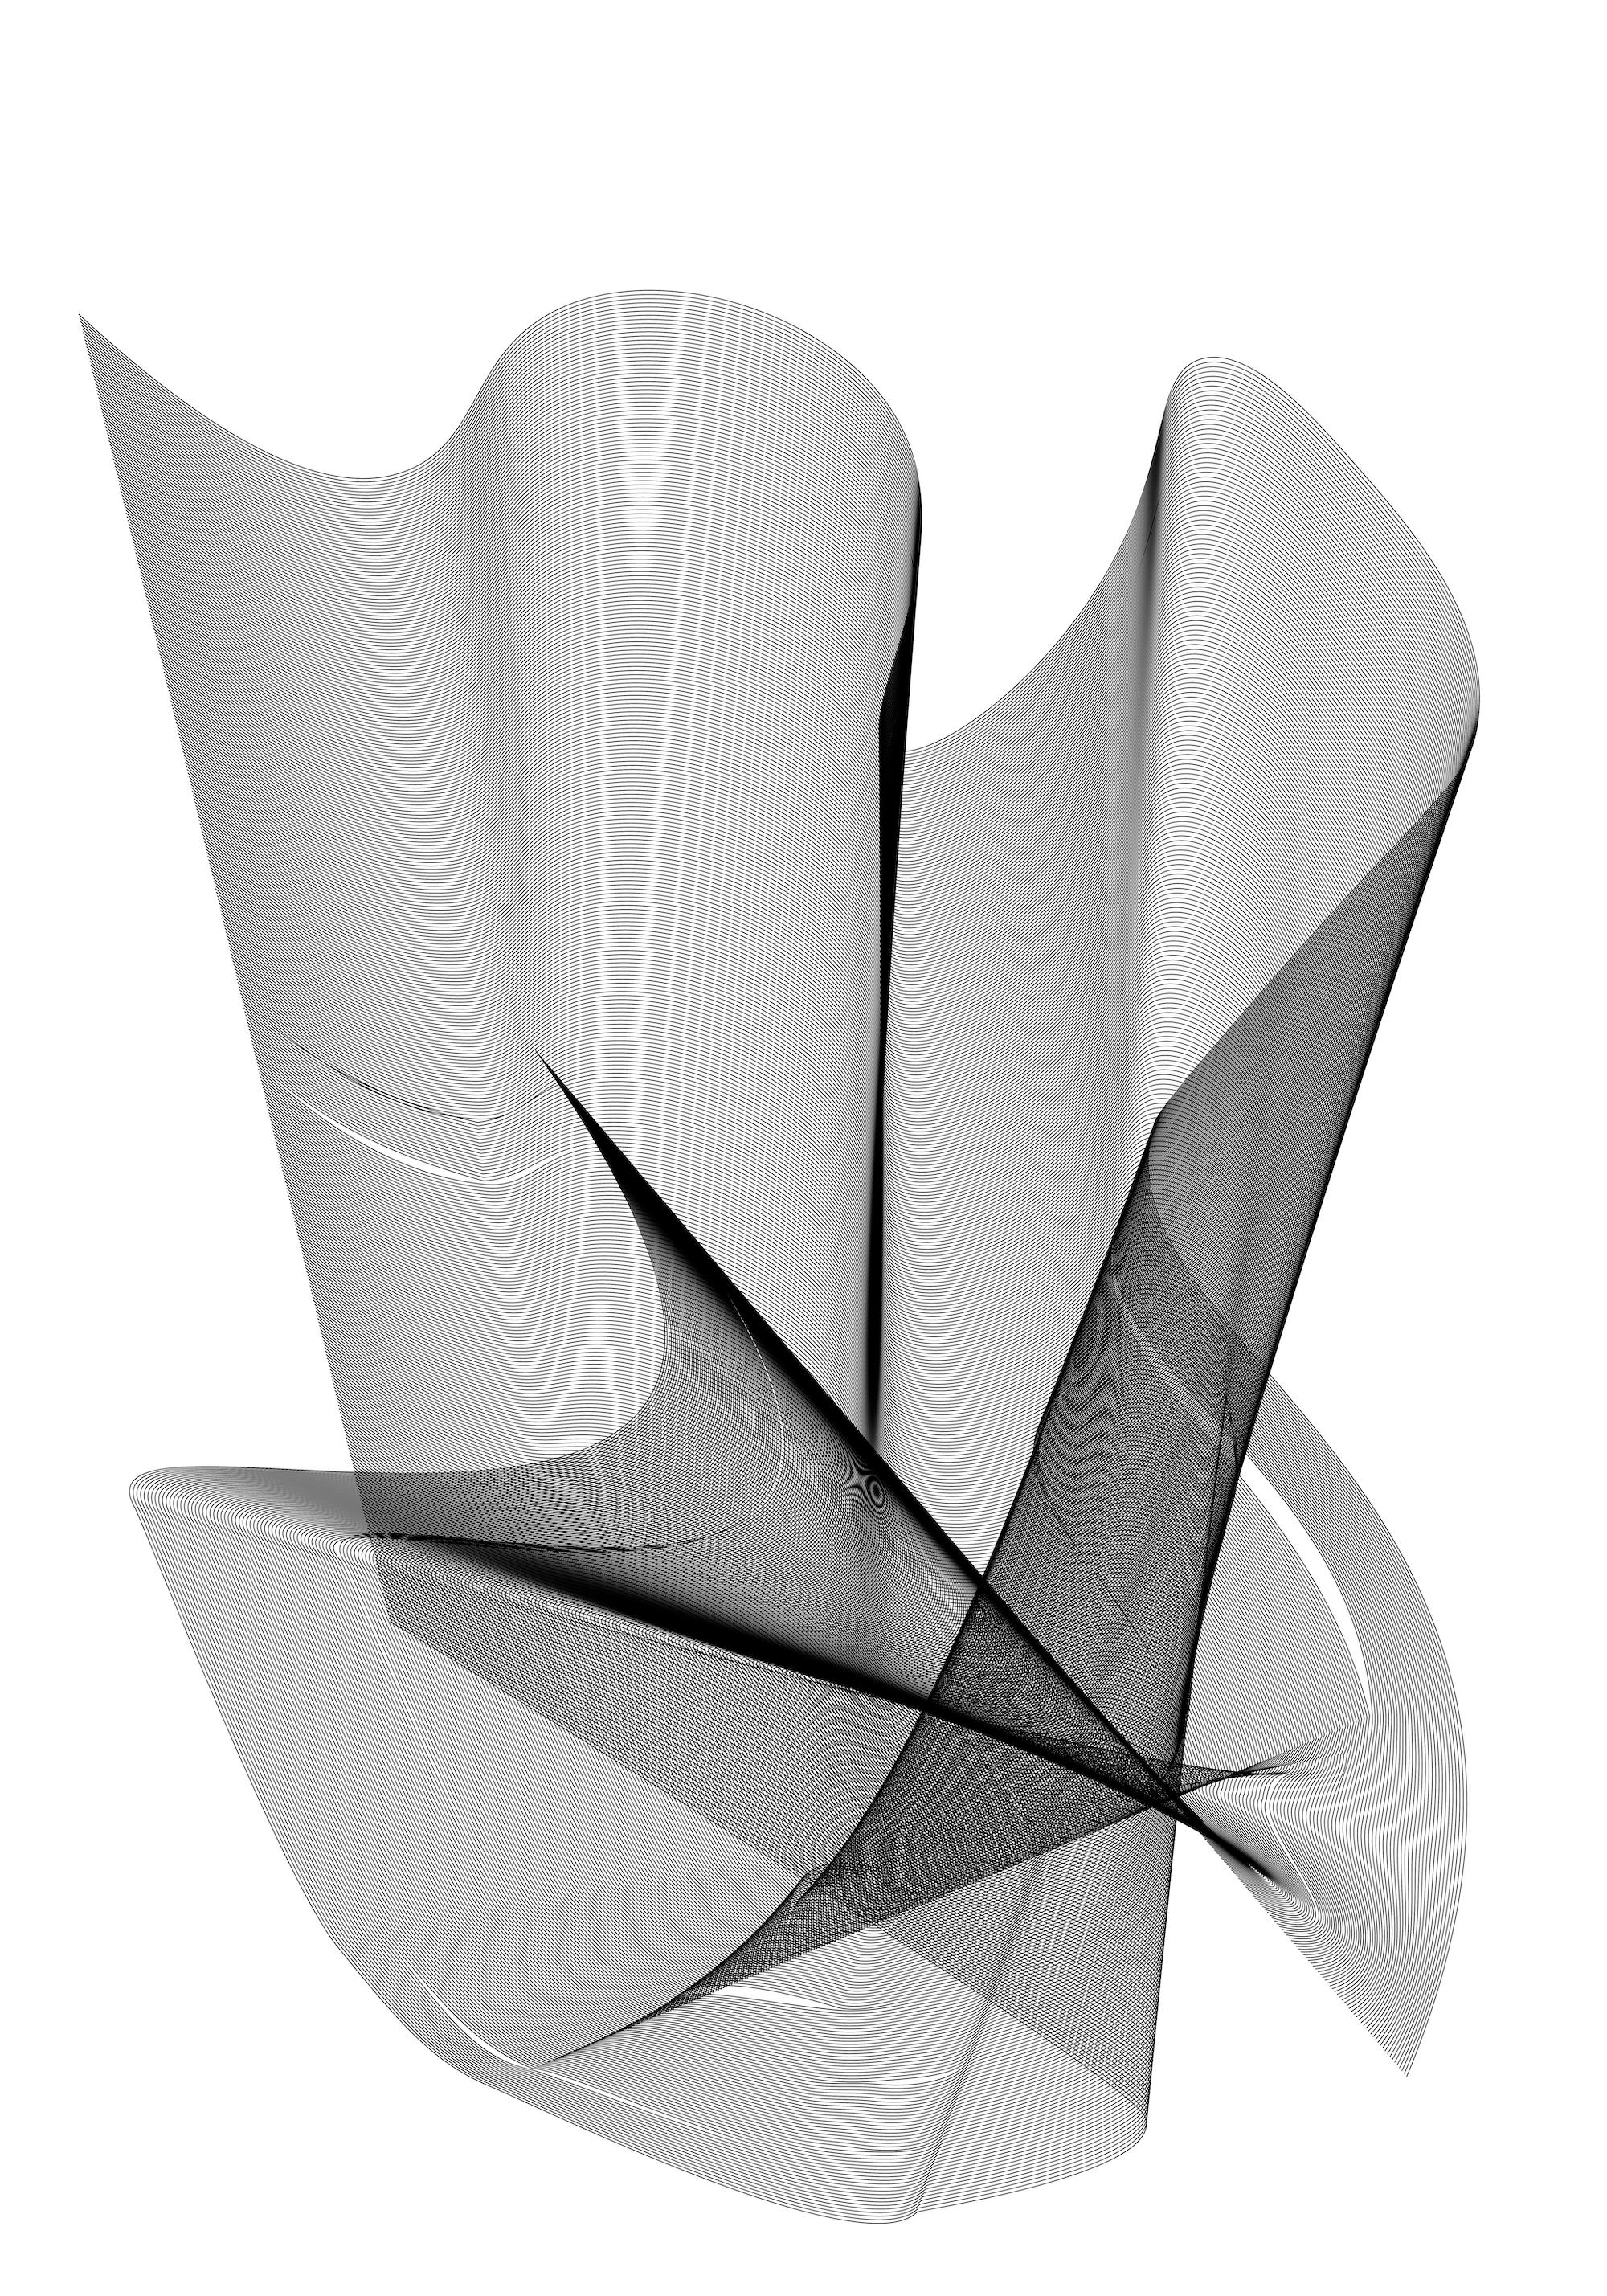 generative-07 copy.png